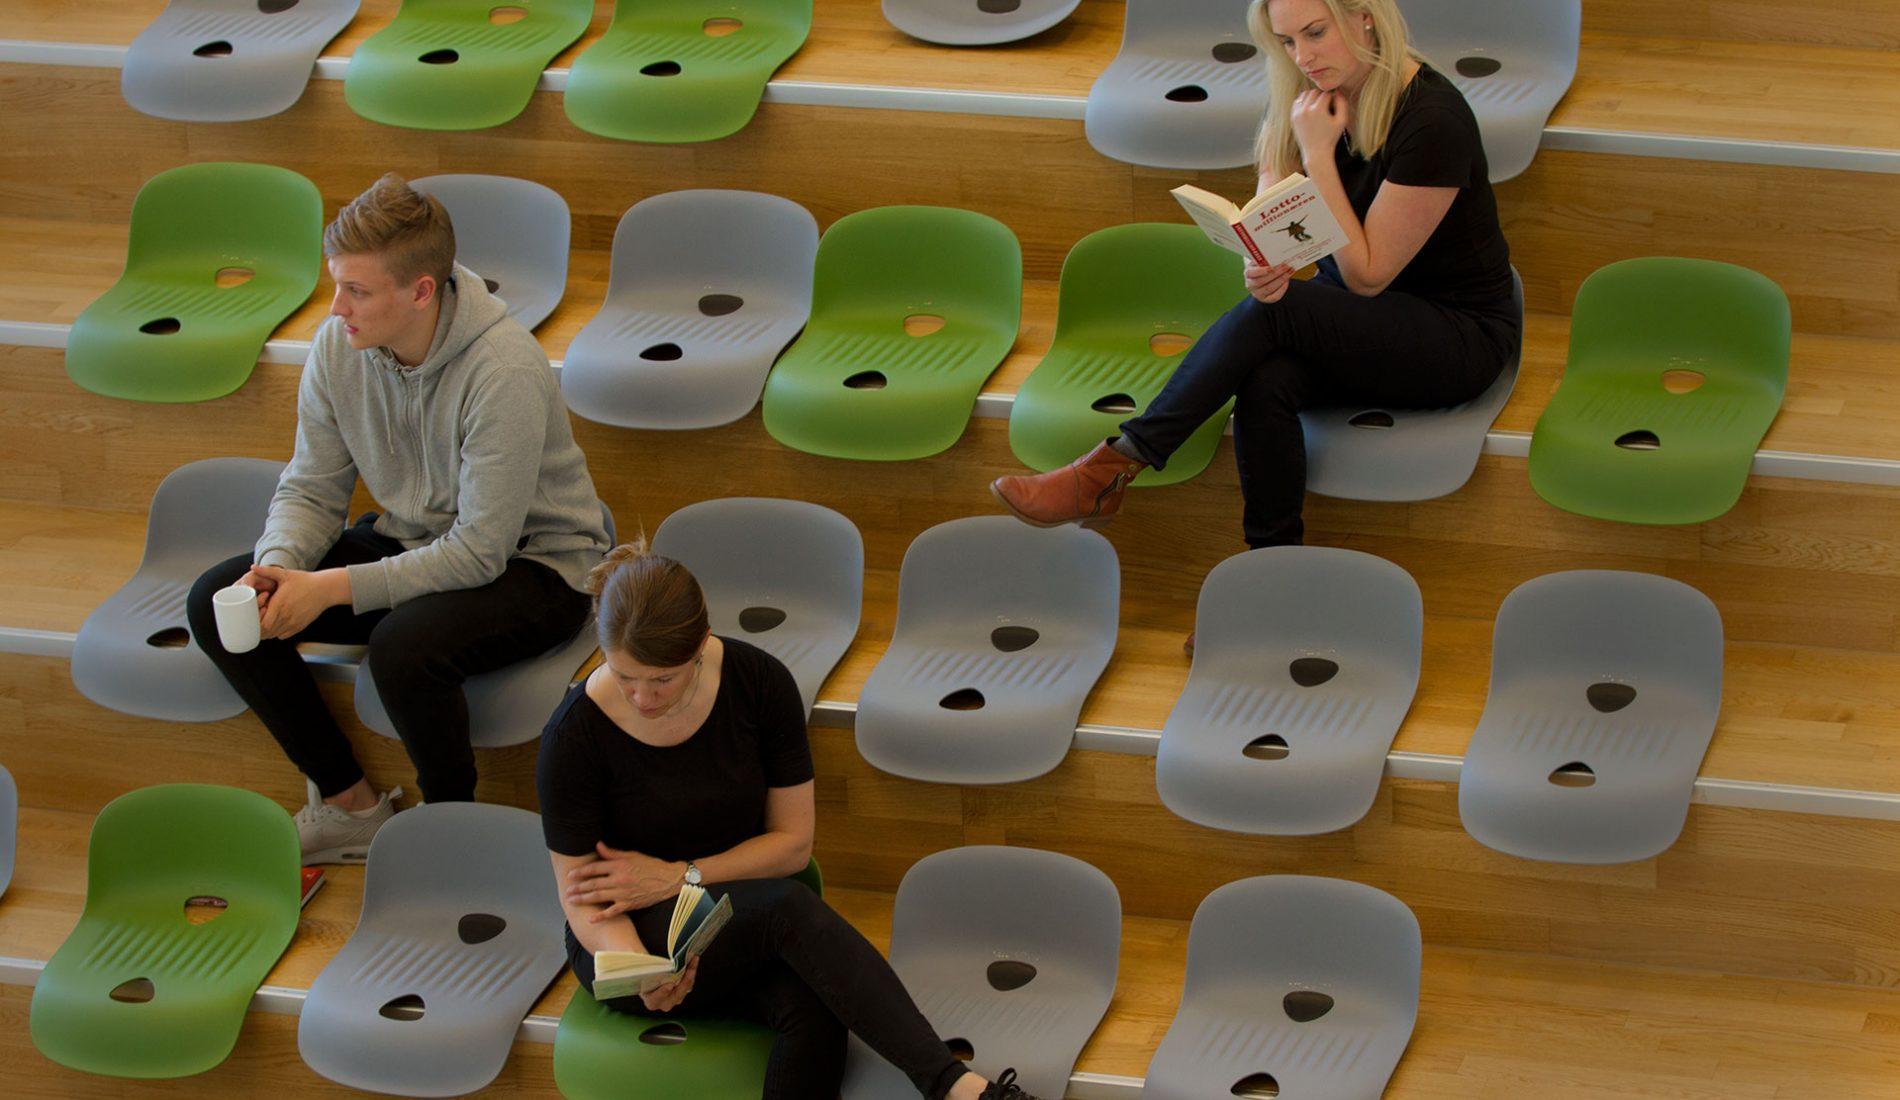 Gigseat er en norskprodusert sitteløsning som er utviklet spesielt for naturlige og bygde amfier. Setene tåler belastning opp til flere hundre kilo, er enkle å stable og tar svært liten plass når de ikke er i bruk.